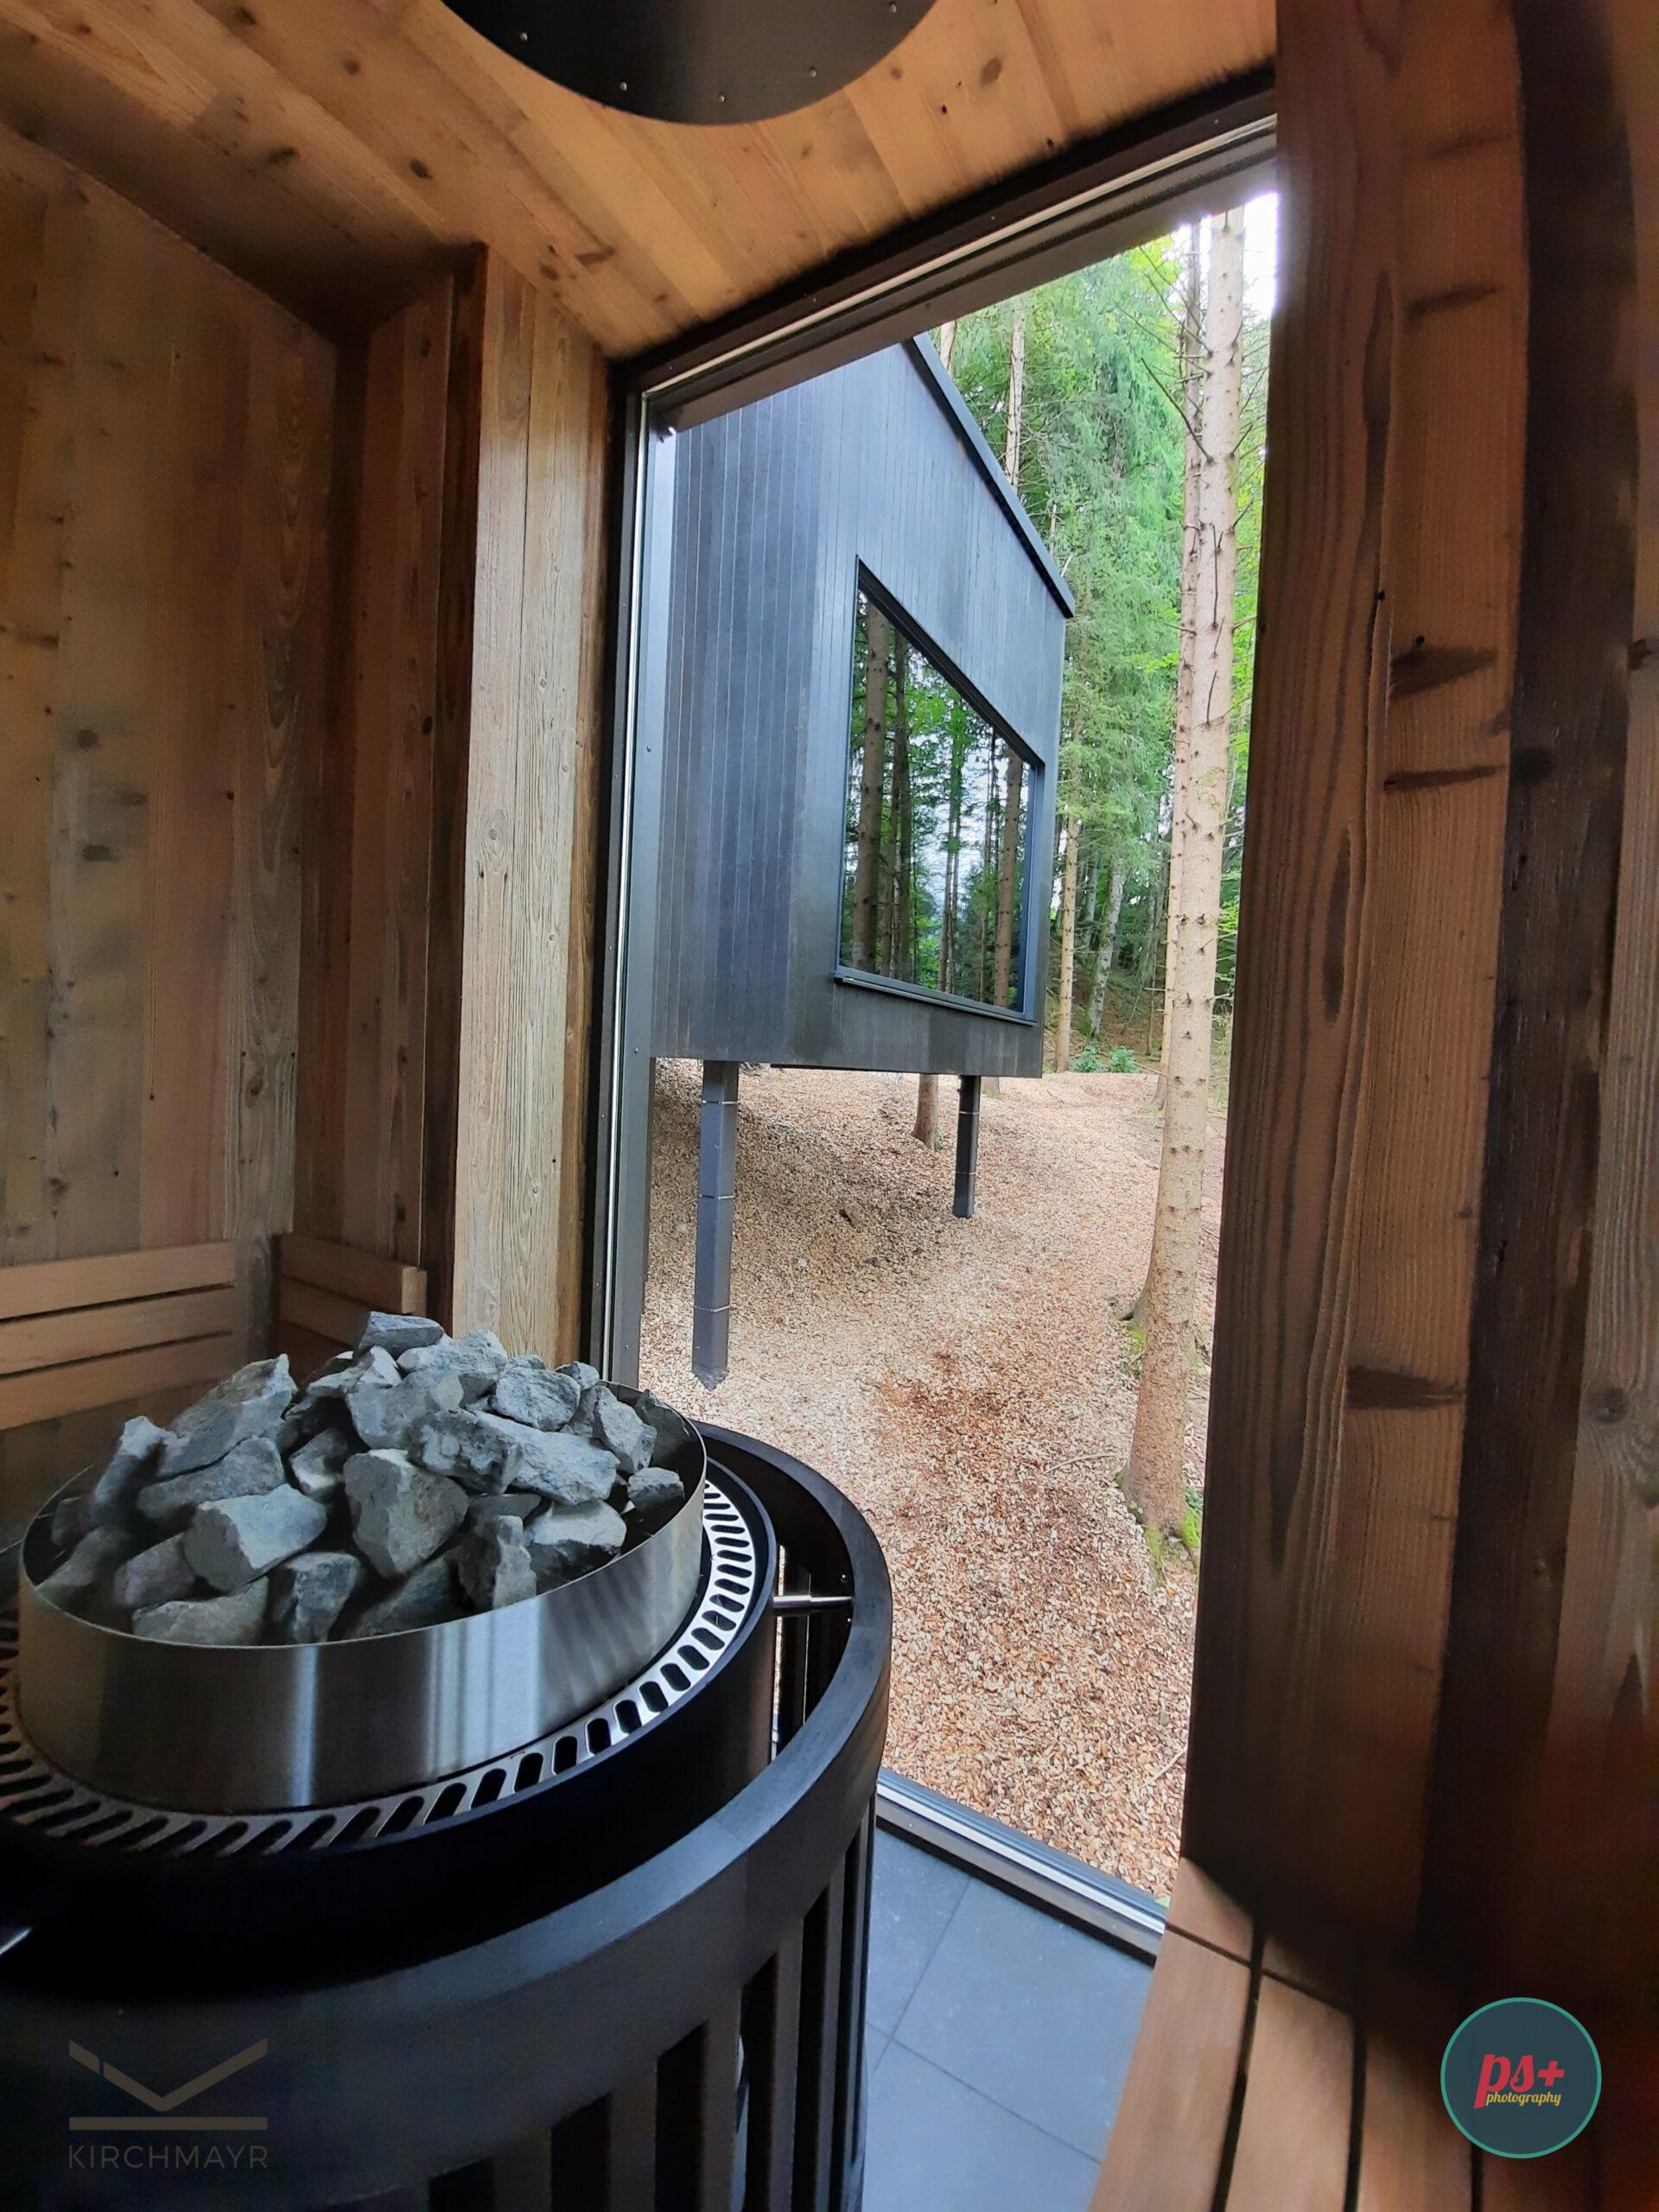 Fischerwirt Sauna mit Blick nach Außen